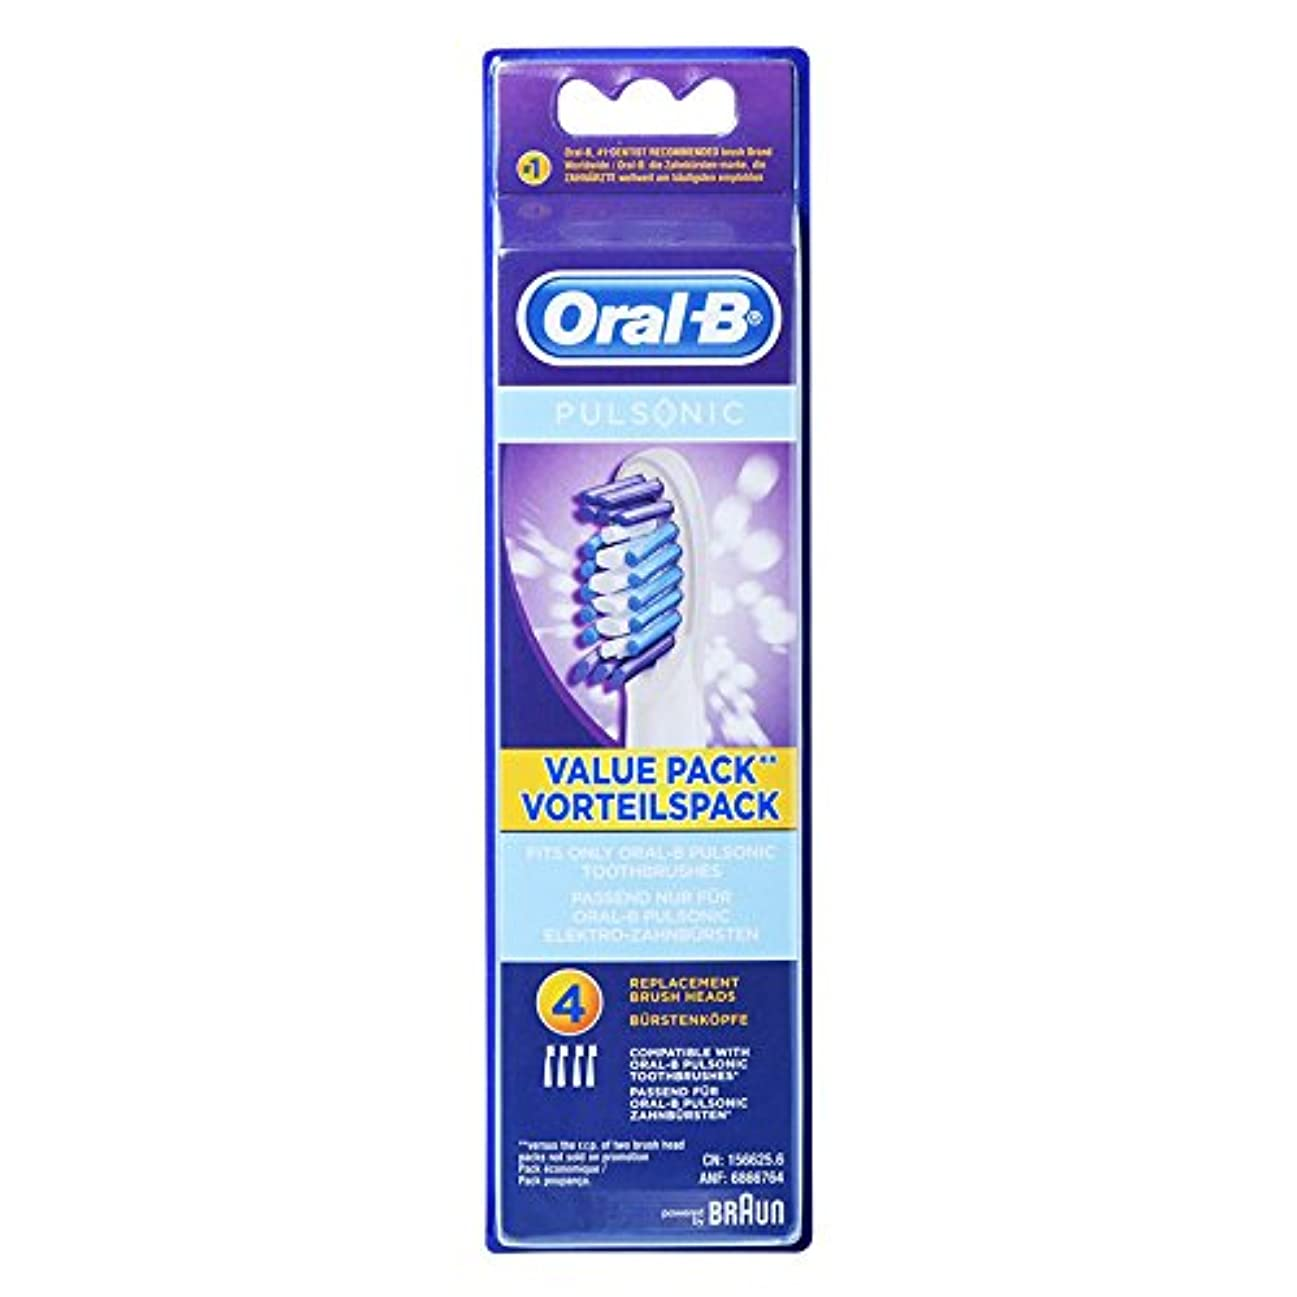 防水酔っ払い検索エンジン最適化Braun Oral-B SR32-4 Pulsonic Value Pack 交換用ブラシヘッド 1Pack [並行輸入品]